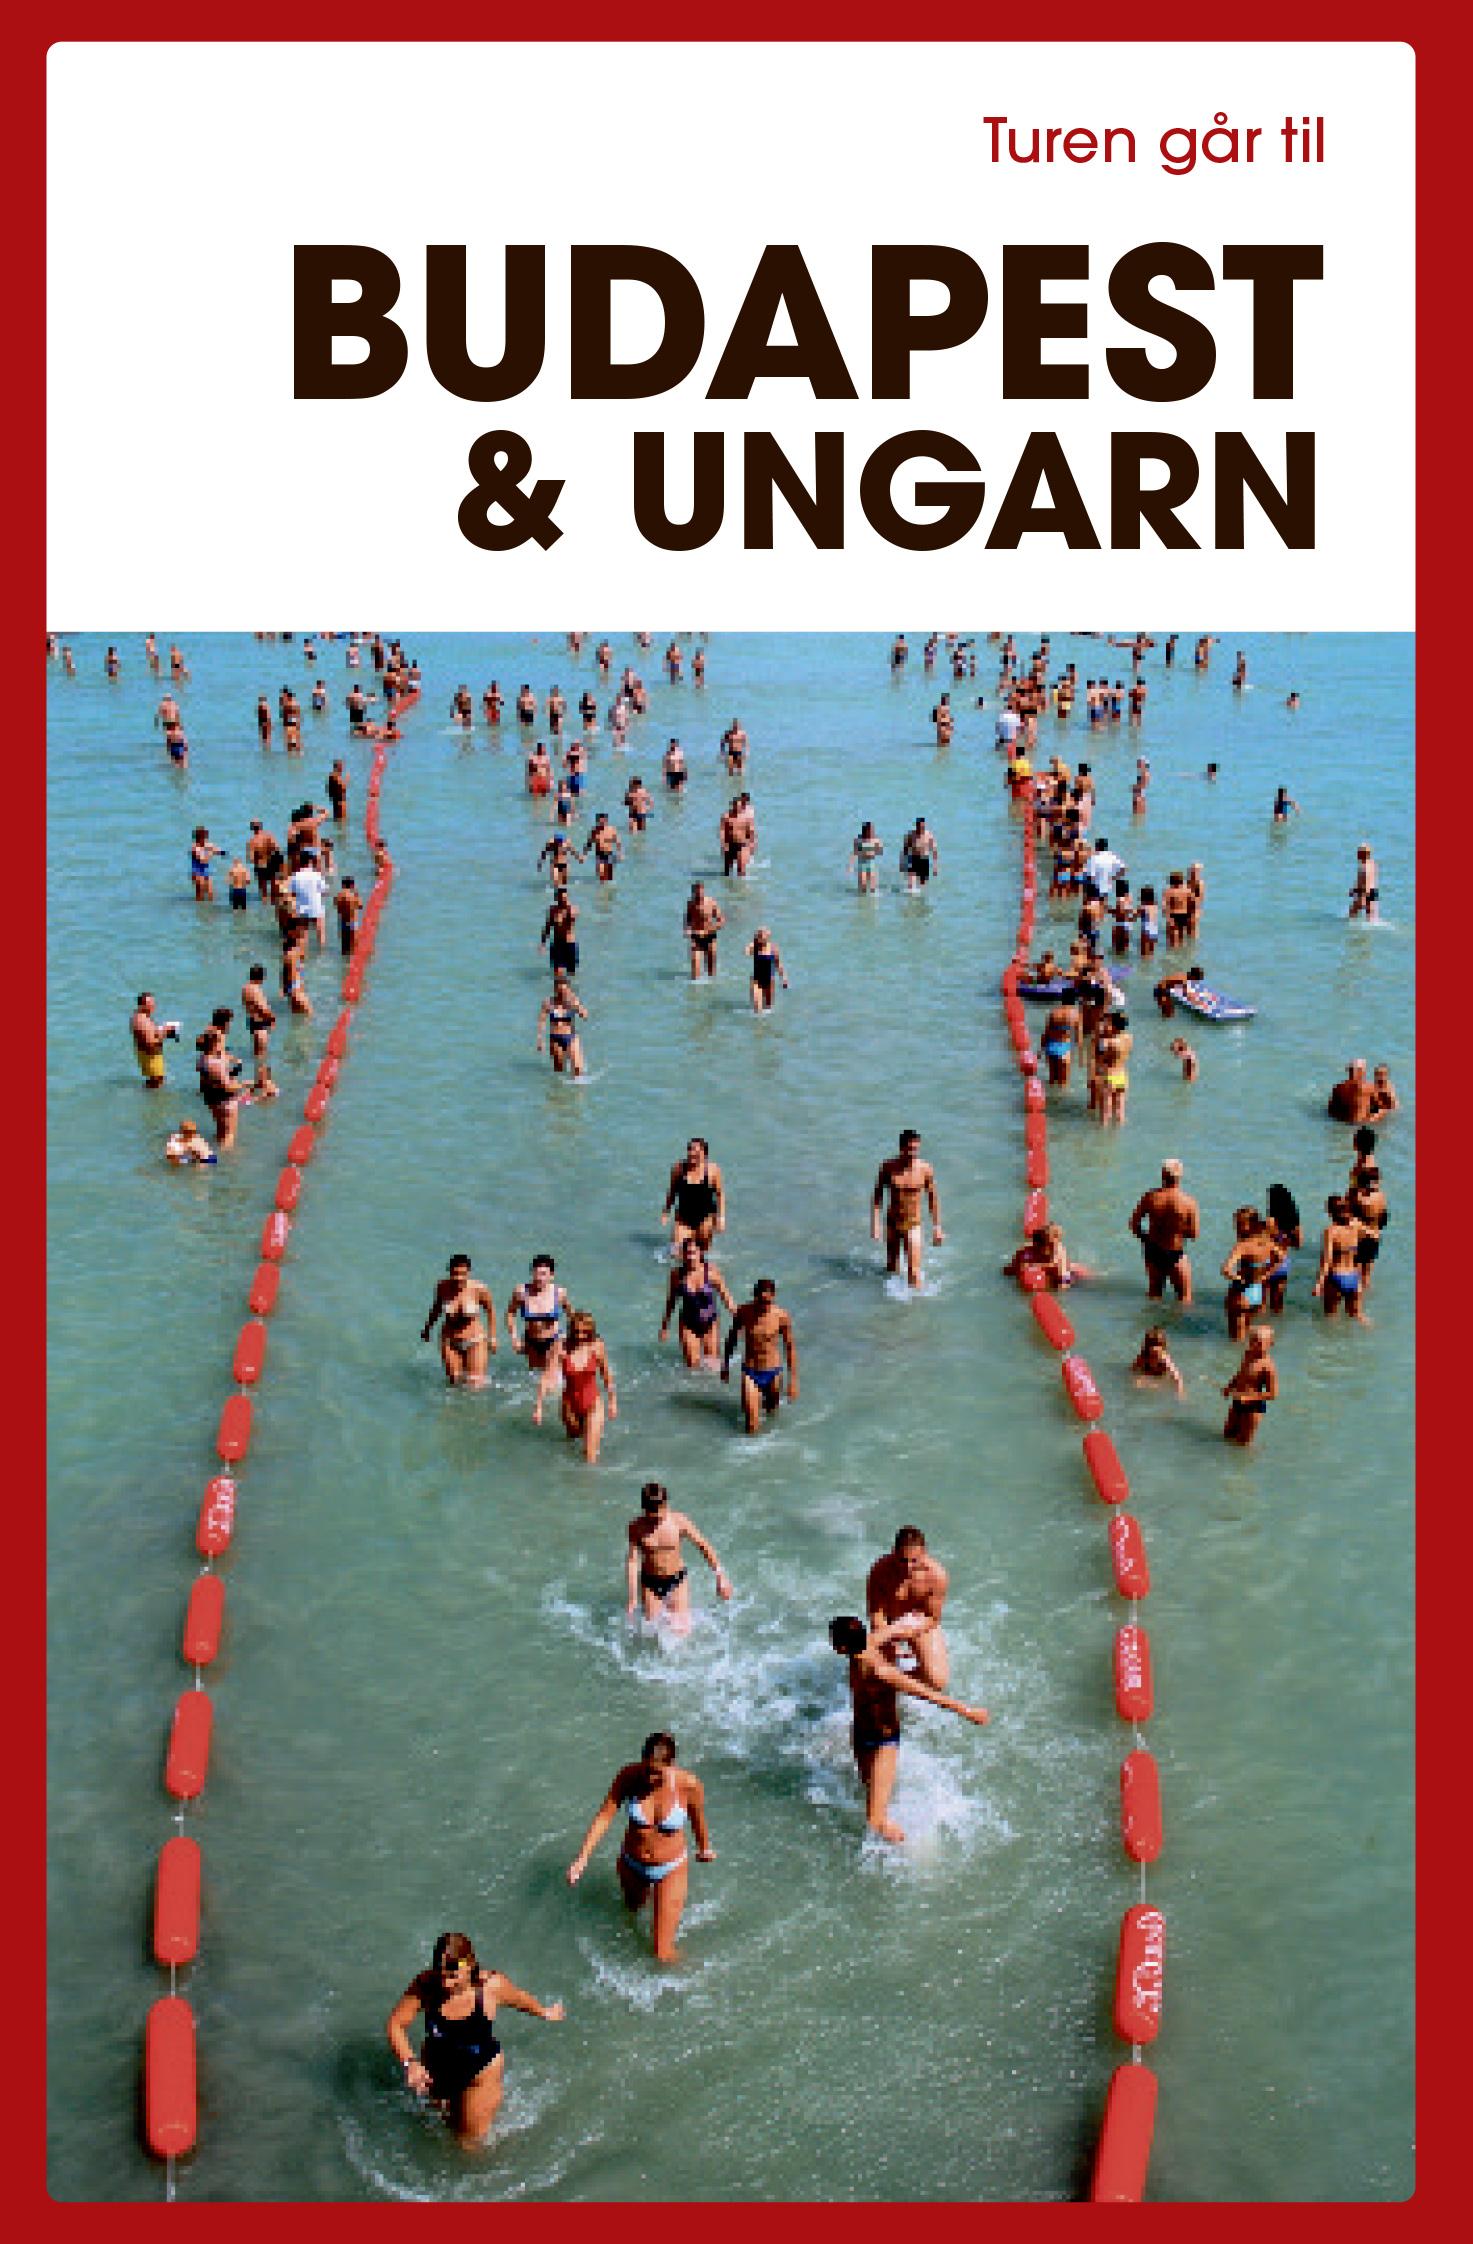 Turen Går Til: Turen går til Budapest & Ungarn - Christine Proksch - Bøger - Politikens Forlag - 9788740055726 - 1/7-2020